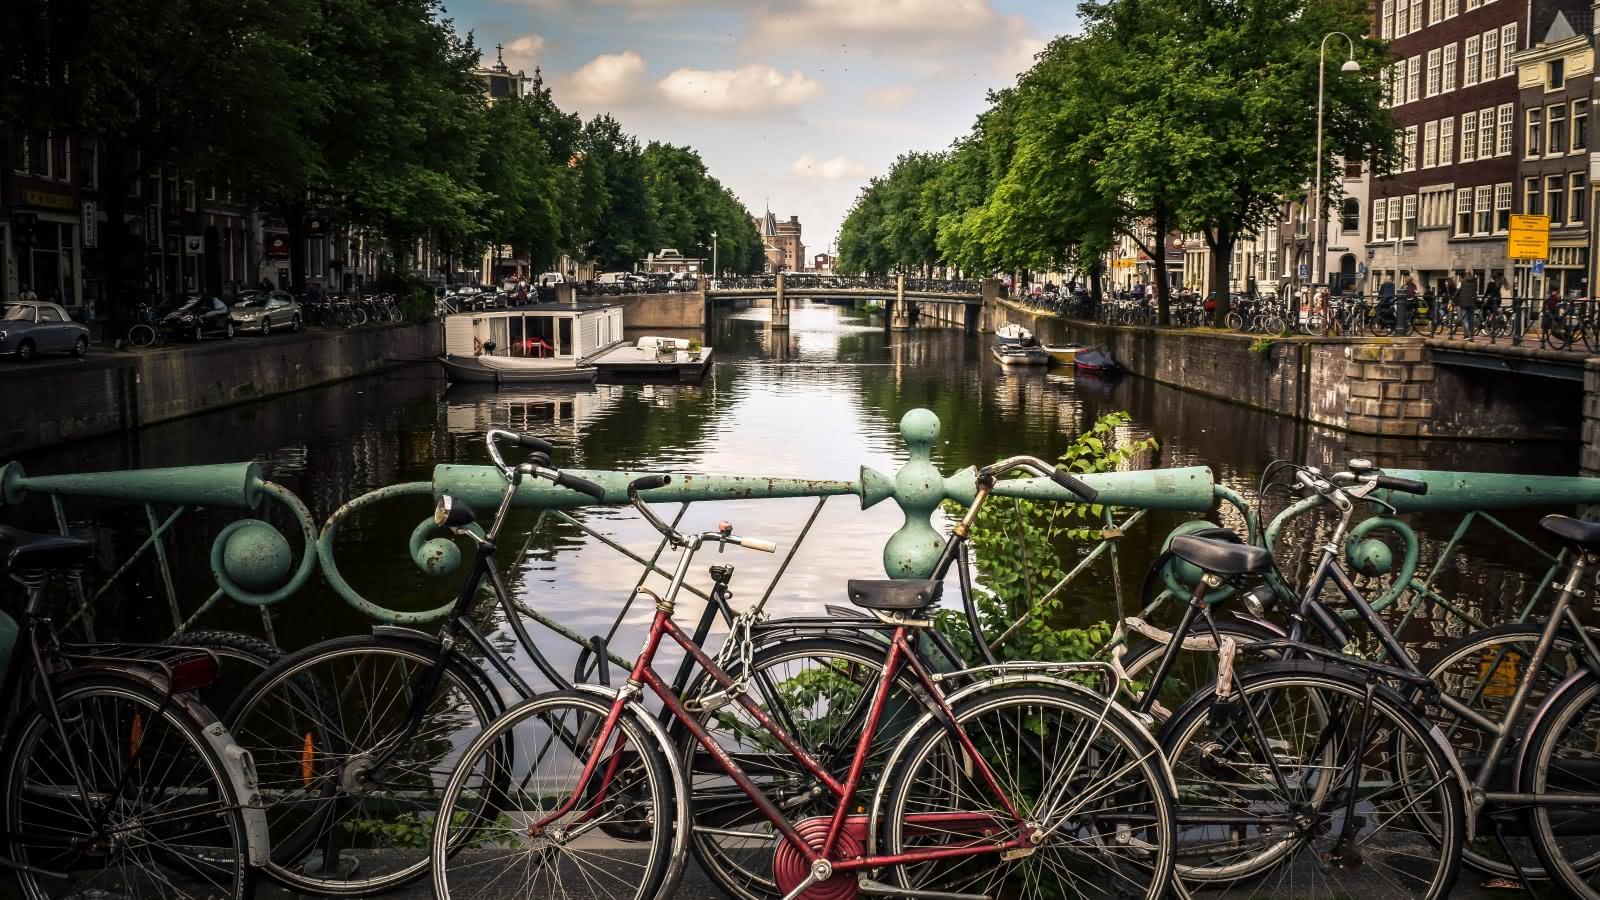 sandemans amsterdam bike tour